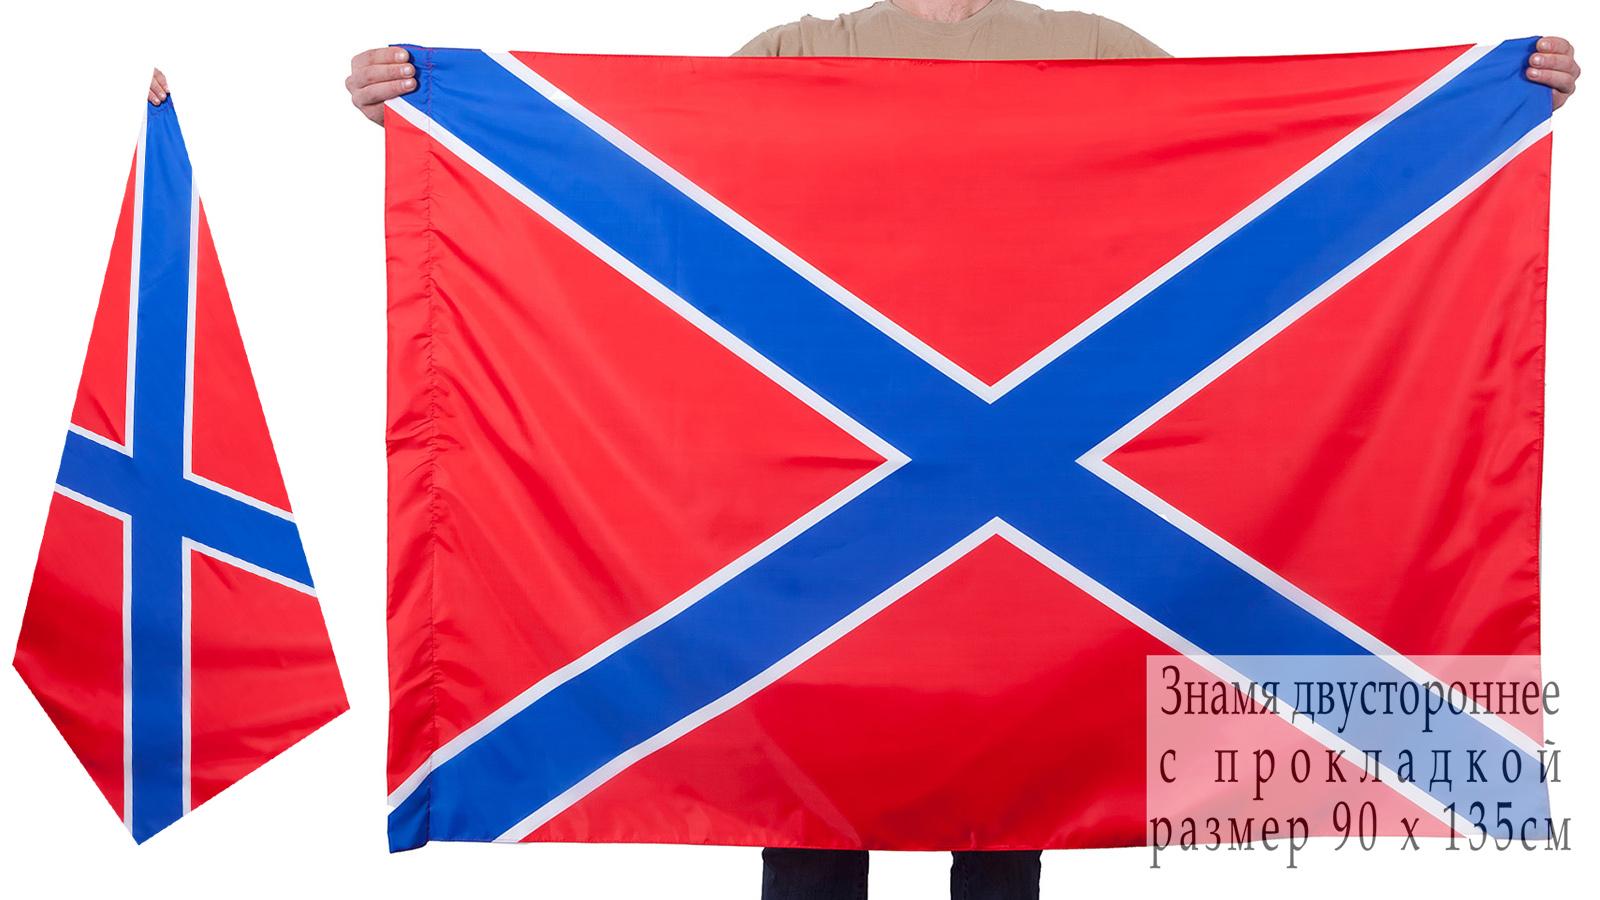 Купить двухстороннее Боевое знамя Новороссии